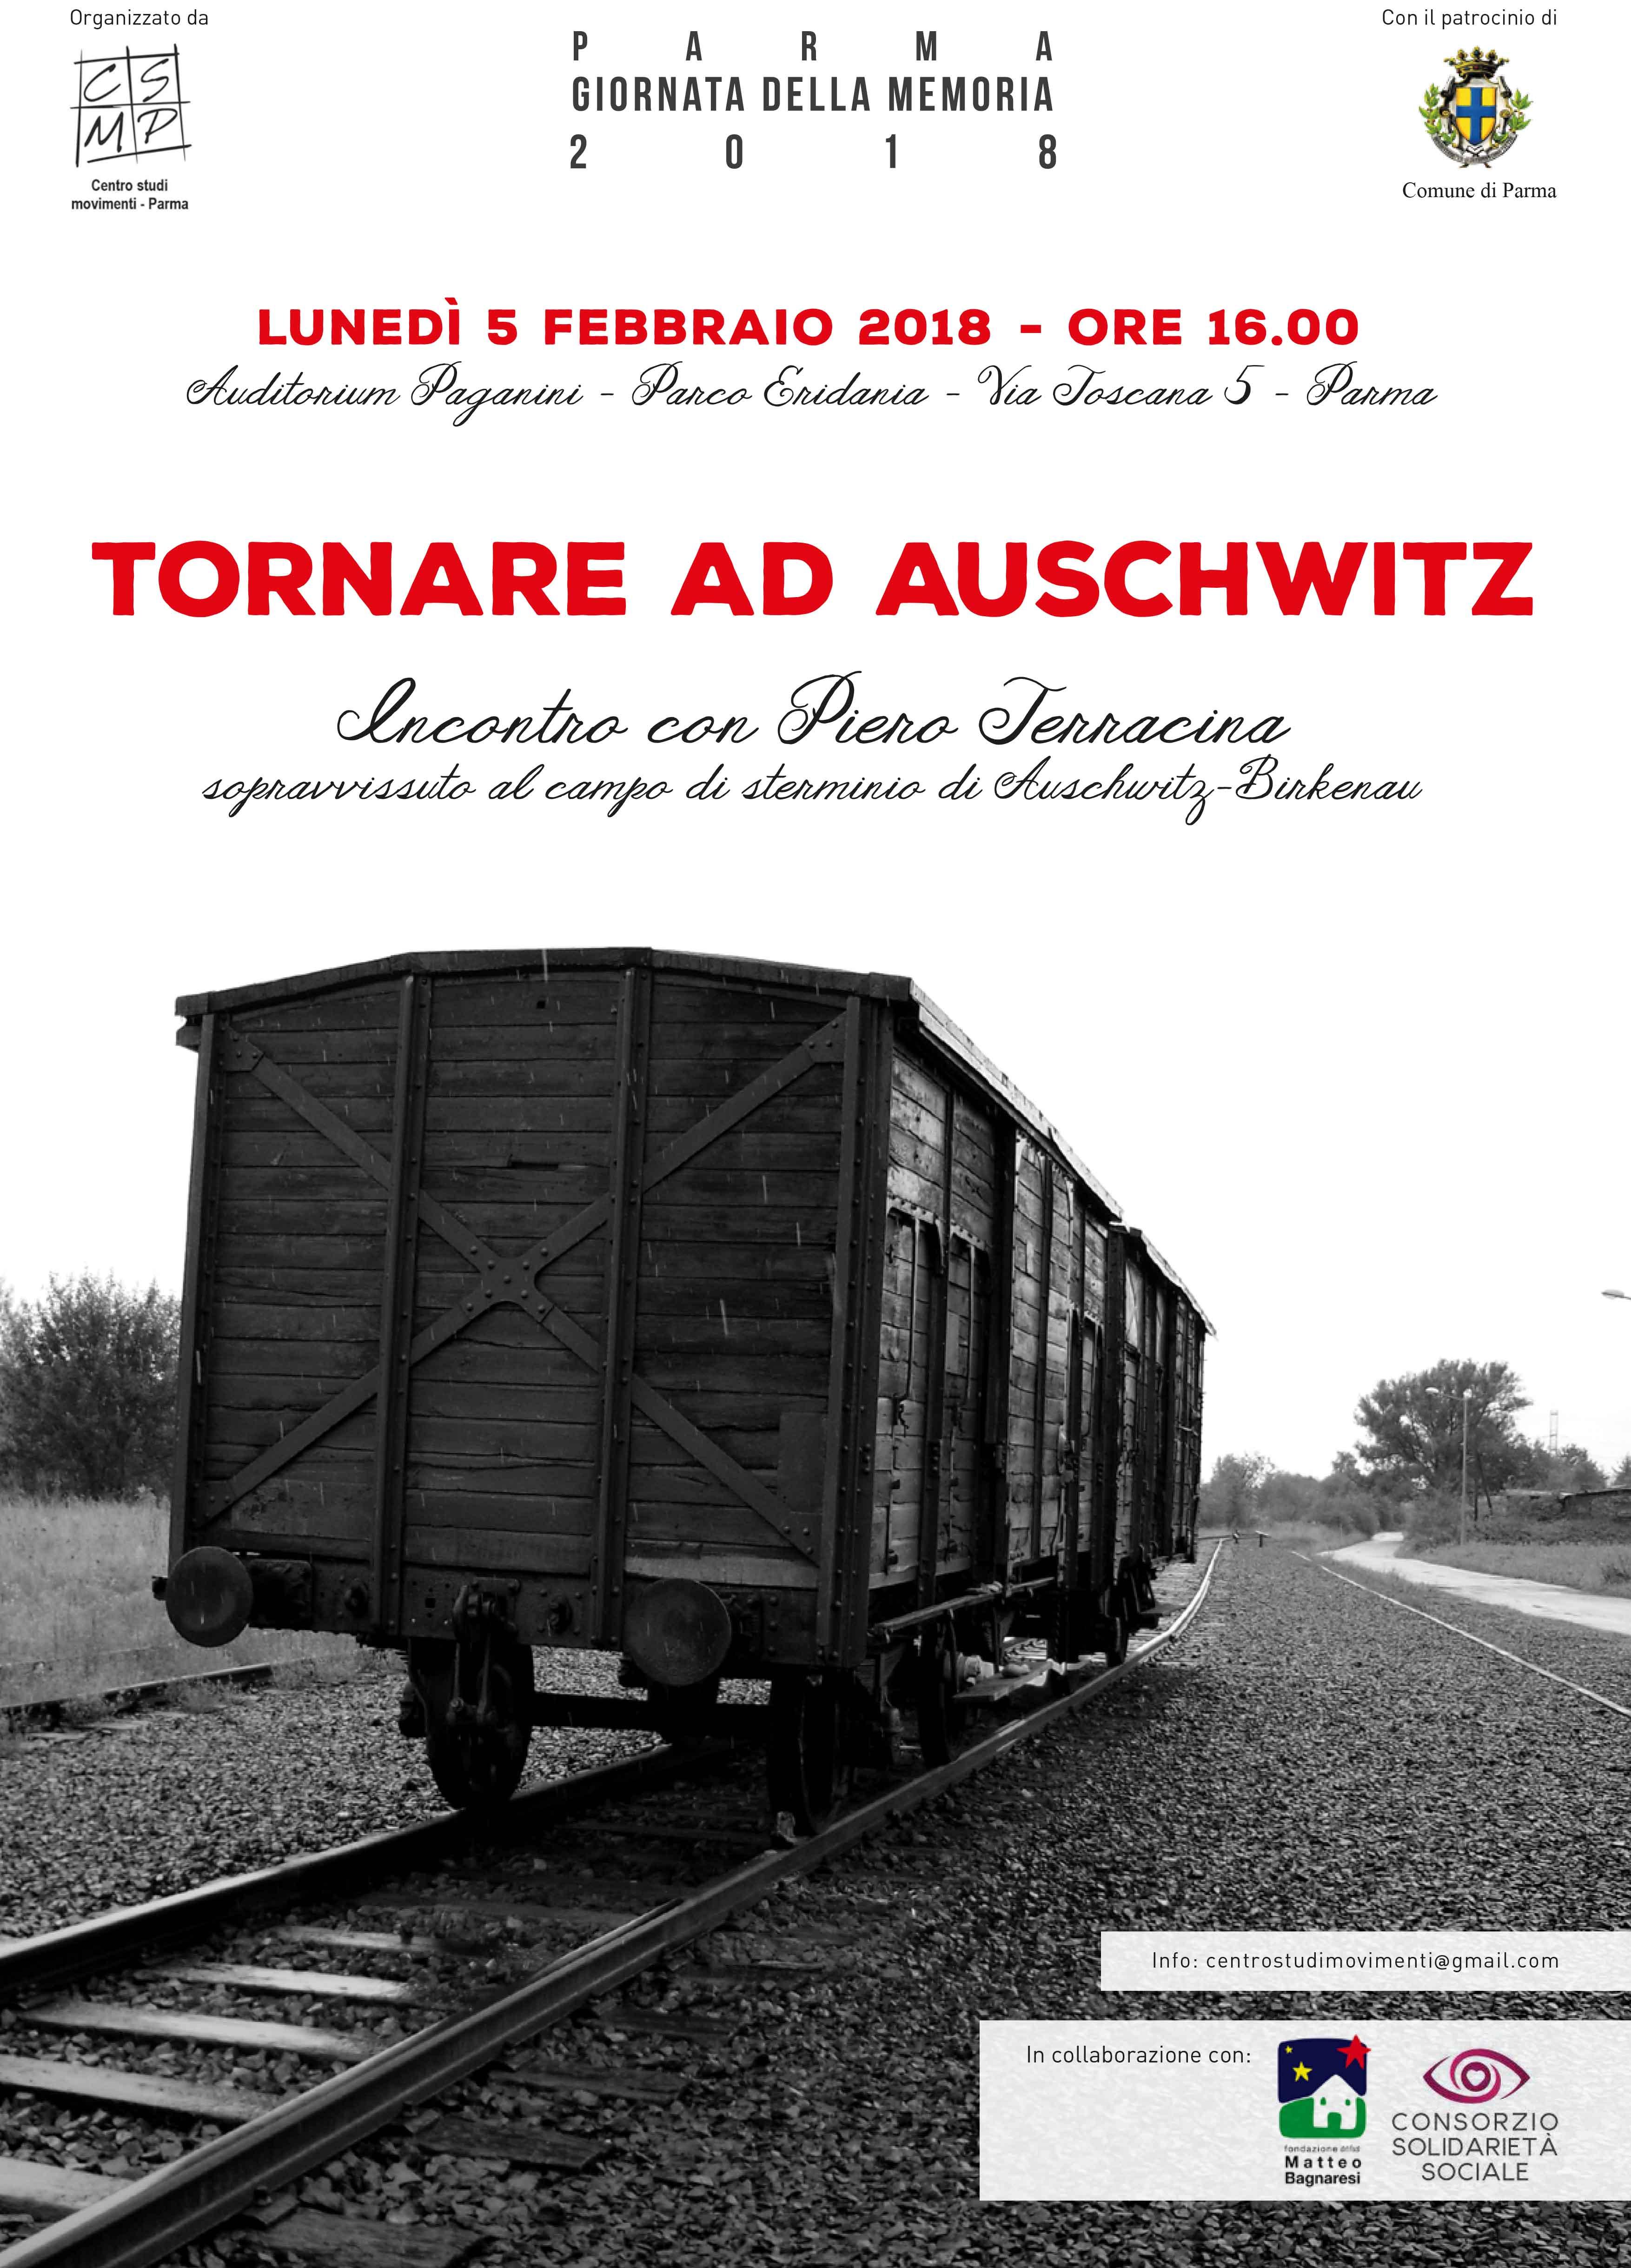 Tornare ad Auschwitz: incontro con Terracina – Lunedì 5 Febbraio 2018